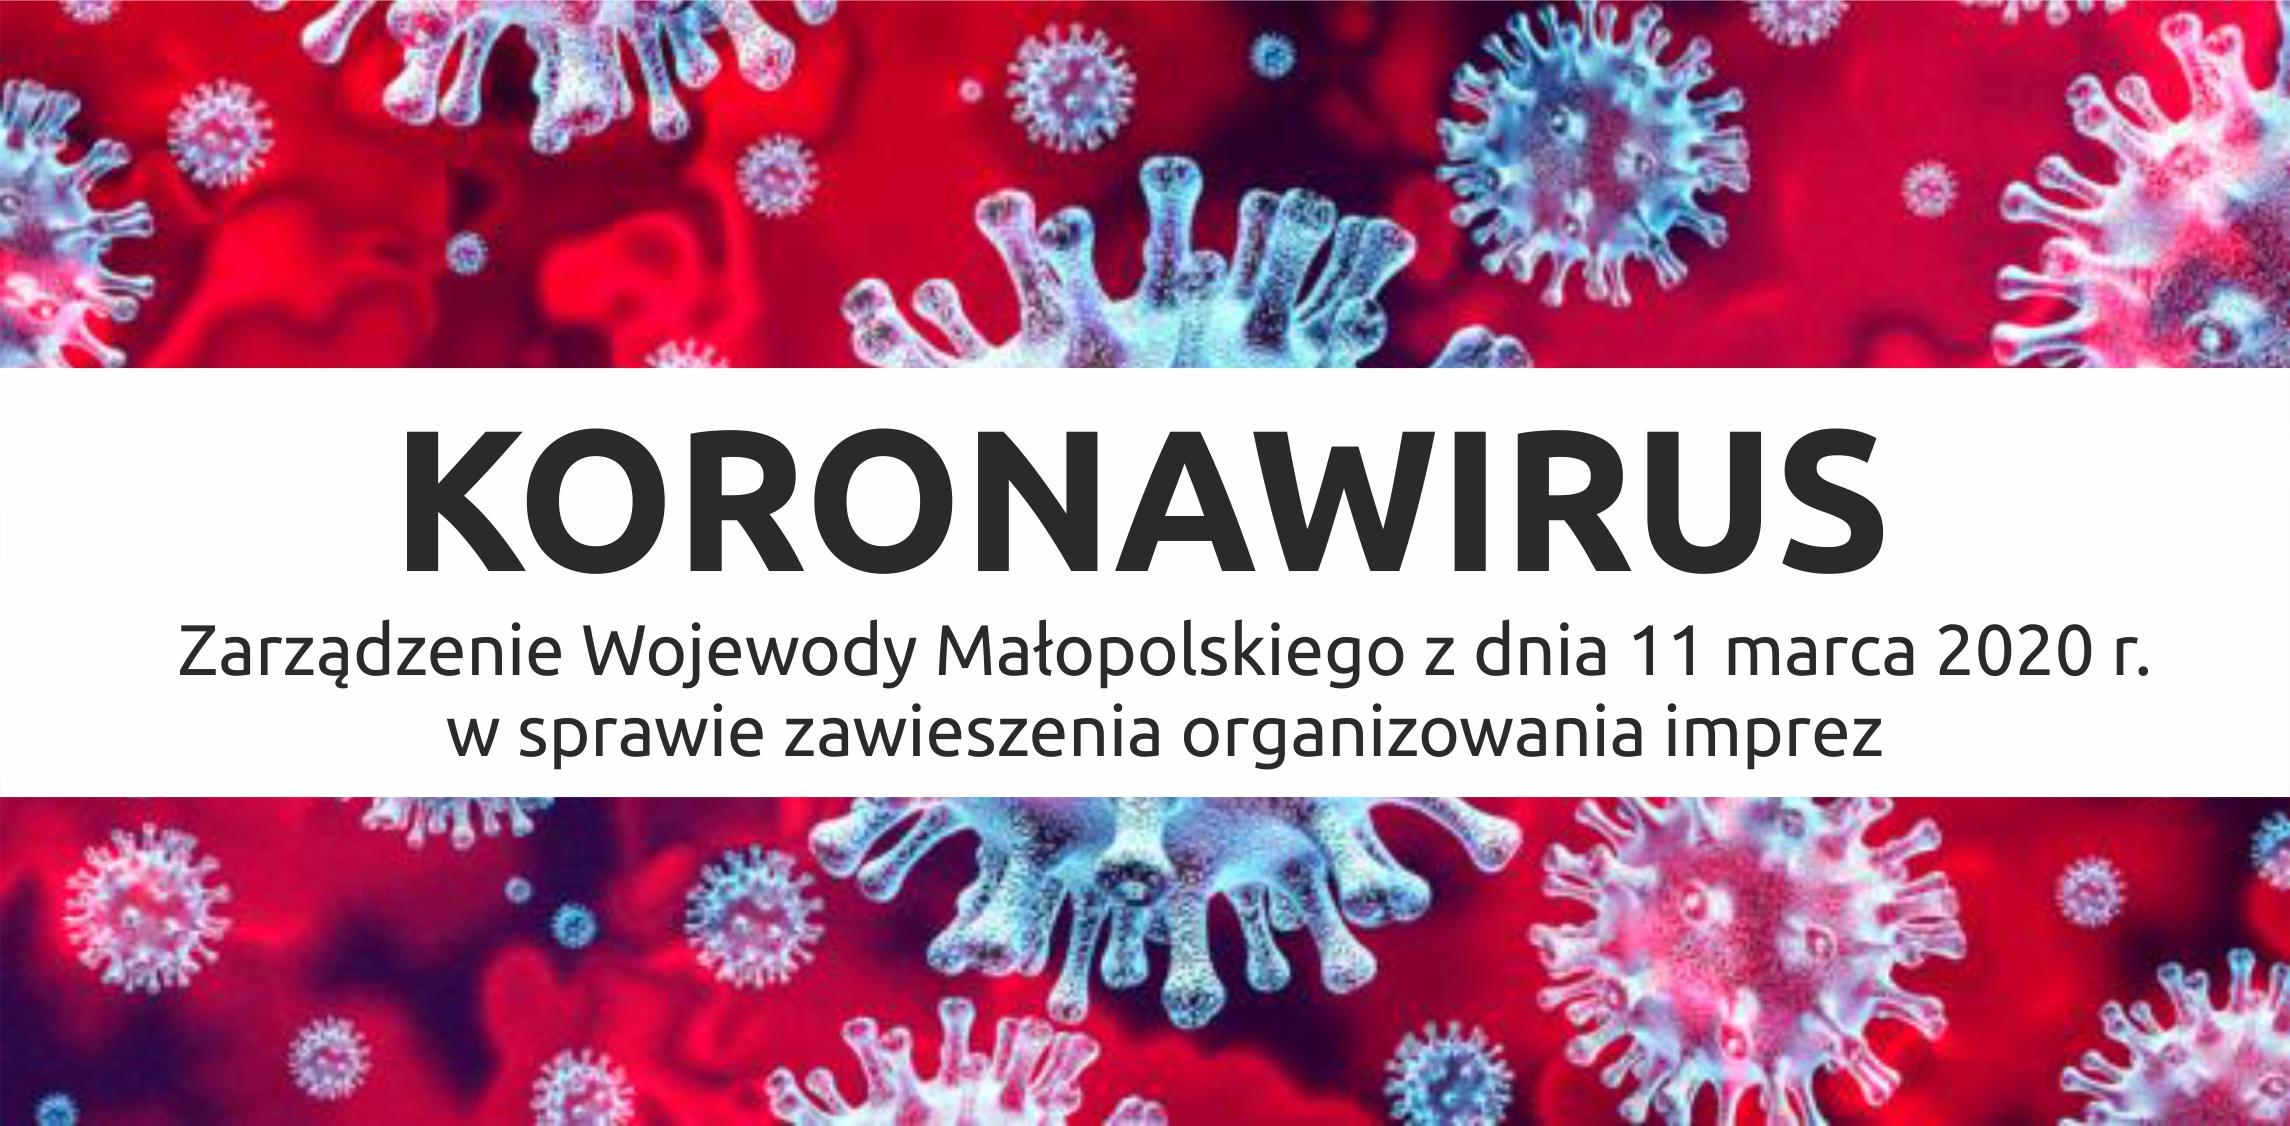 Zarządzenie Wojewody Małopolskiego z dnia 11 marca 2020 r. w sprawie zawieszenia organizowania imprez.